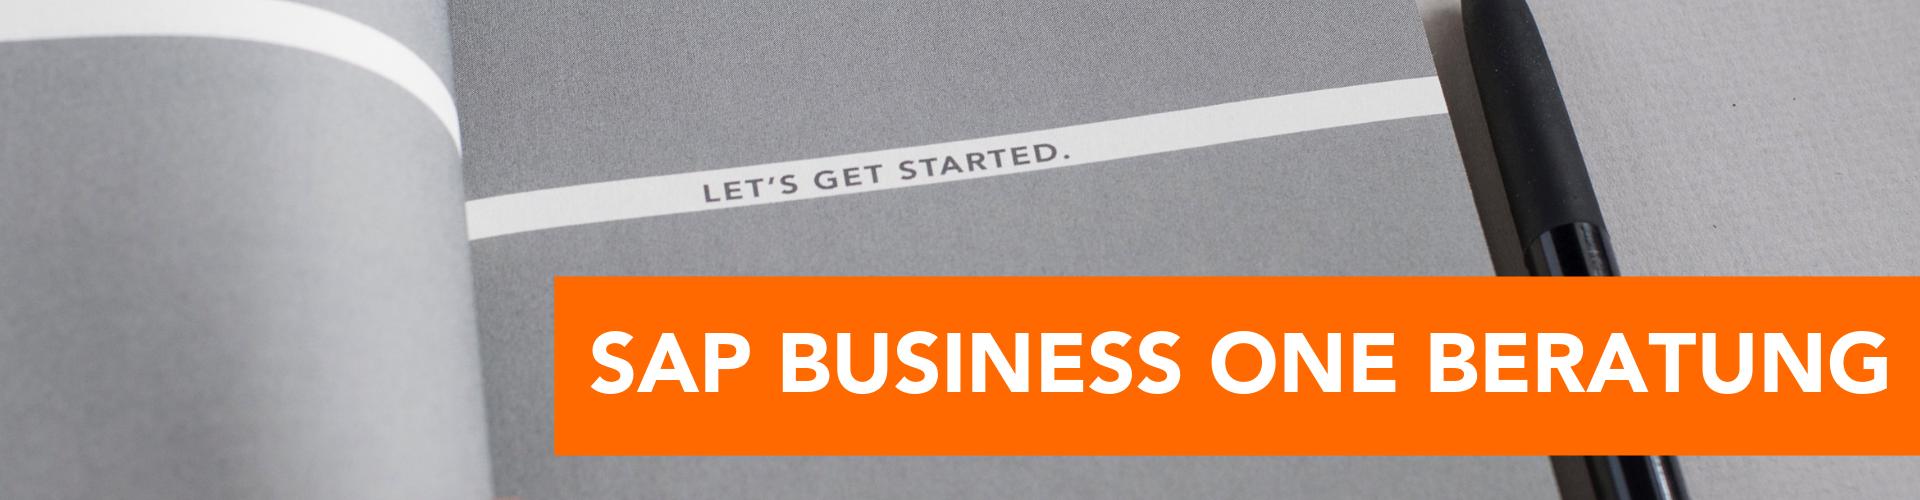 SAP Business One Beratung